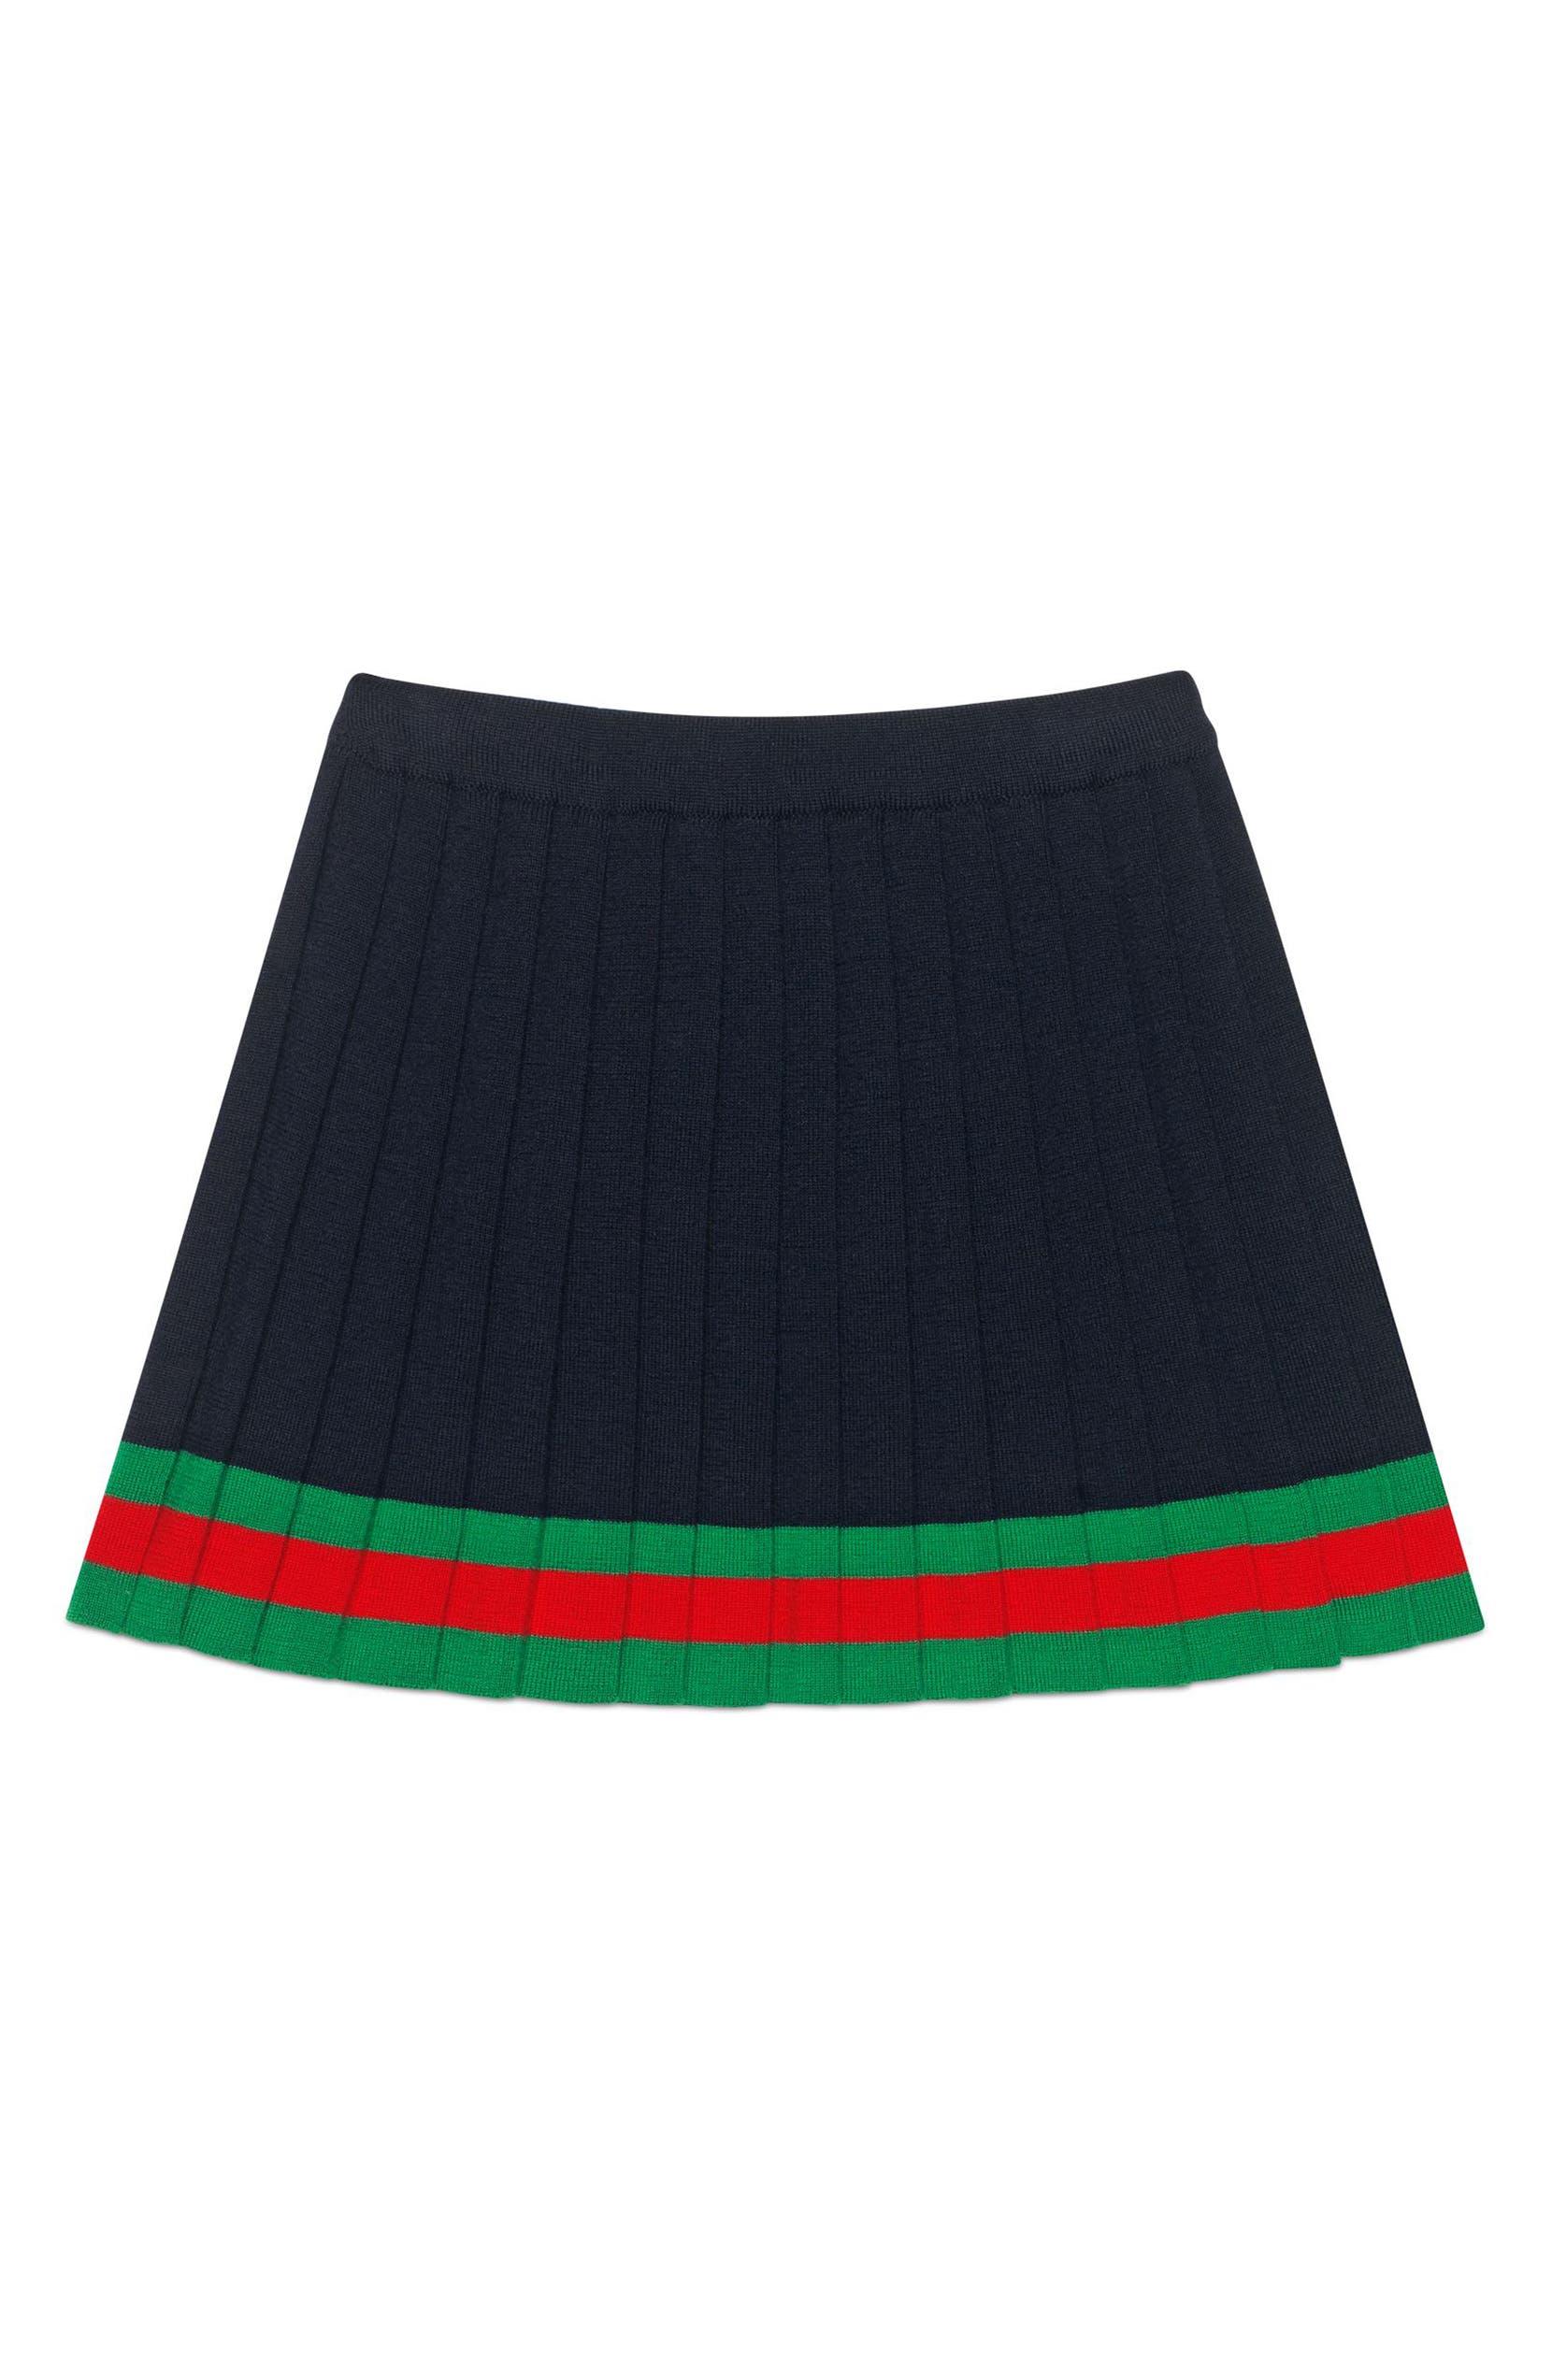 6dbeab9930f06 Gucci Pleated Wool Knit Skirt (Little Girls & Big Girls) | Nordstrom